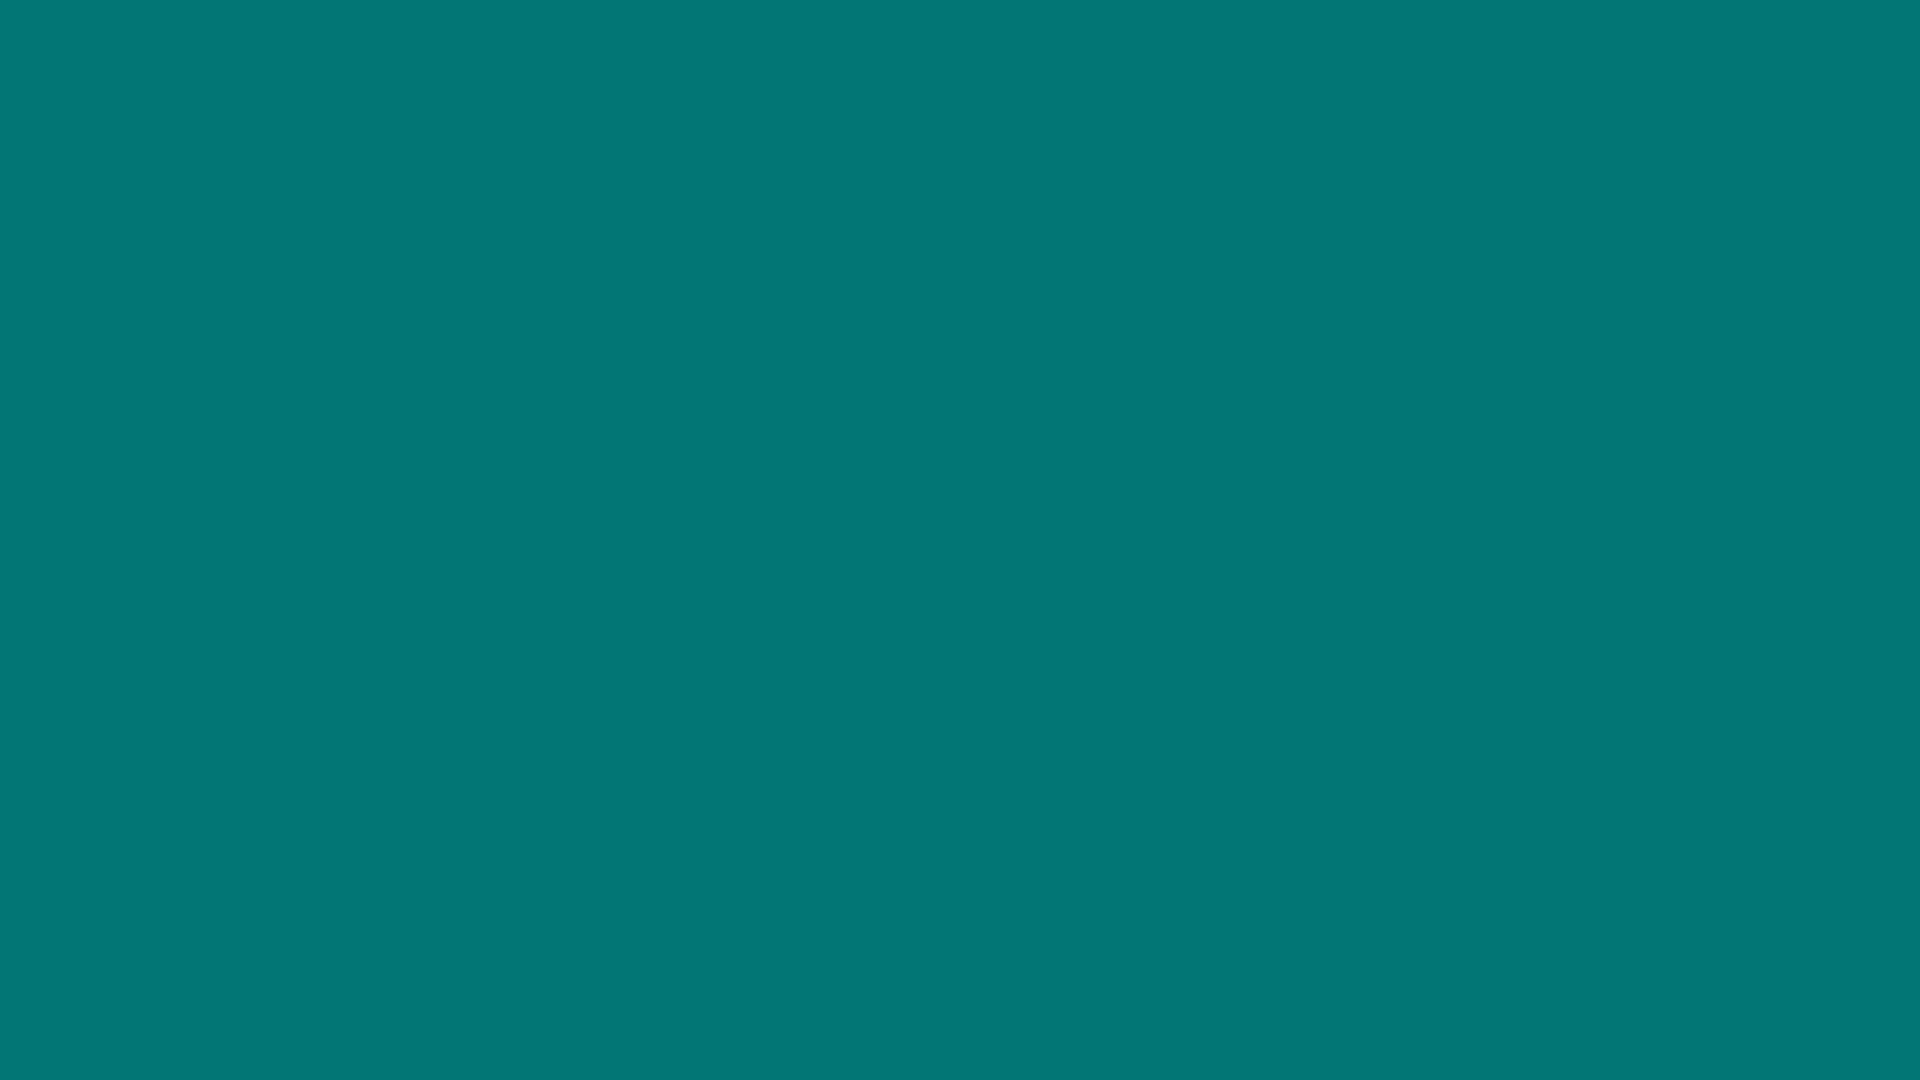 [공고] 서울대 아시아연구소 번역(한국어→영어) 조교 채용 공고